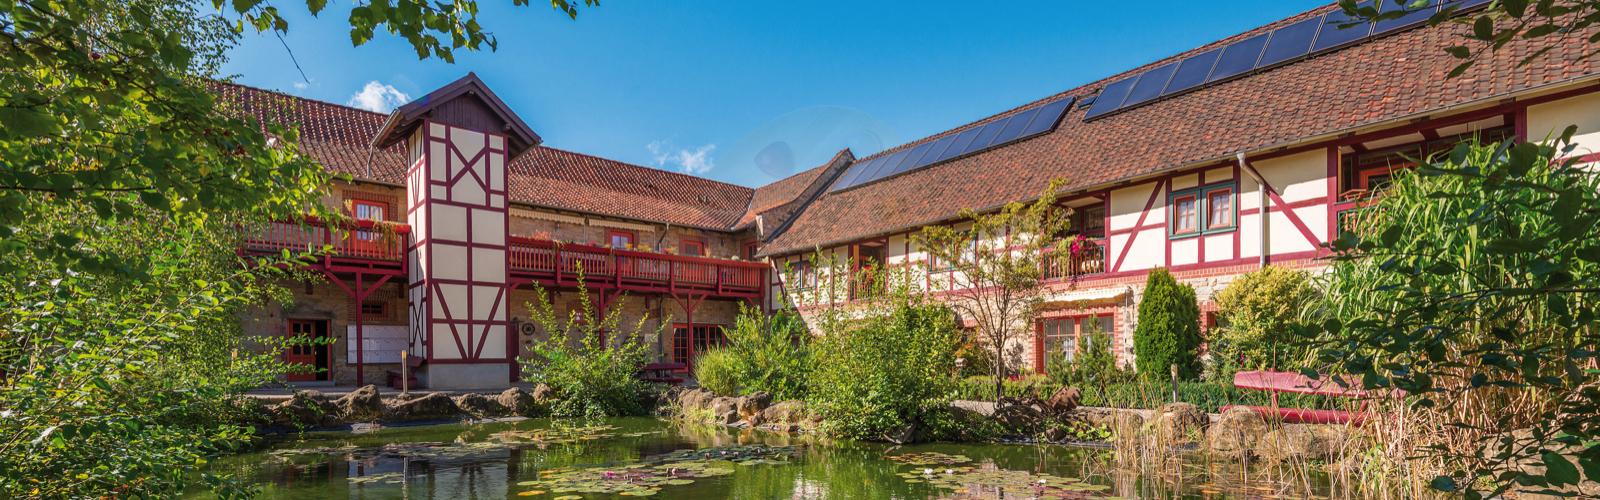 Gut voigtl nder ihr 4 sterne wellness hotel im harz for Hotel mit schwimmbad harz